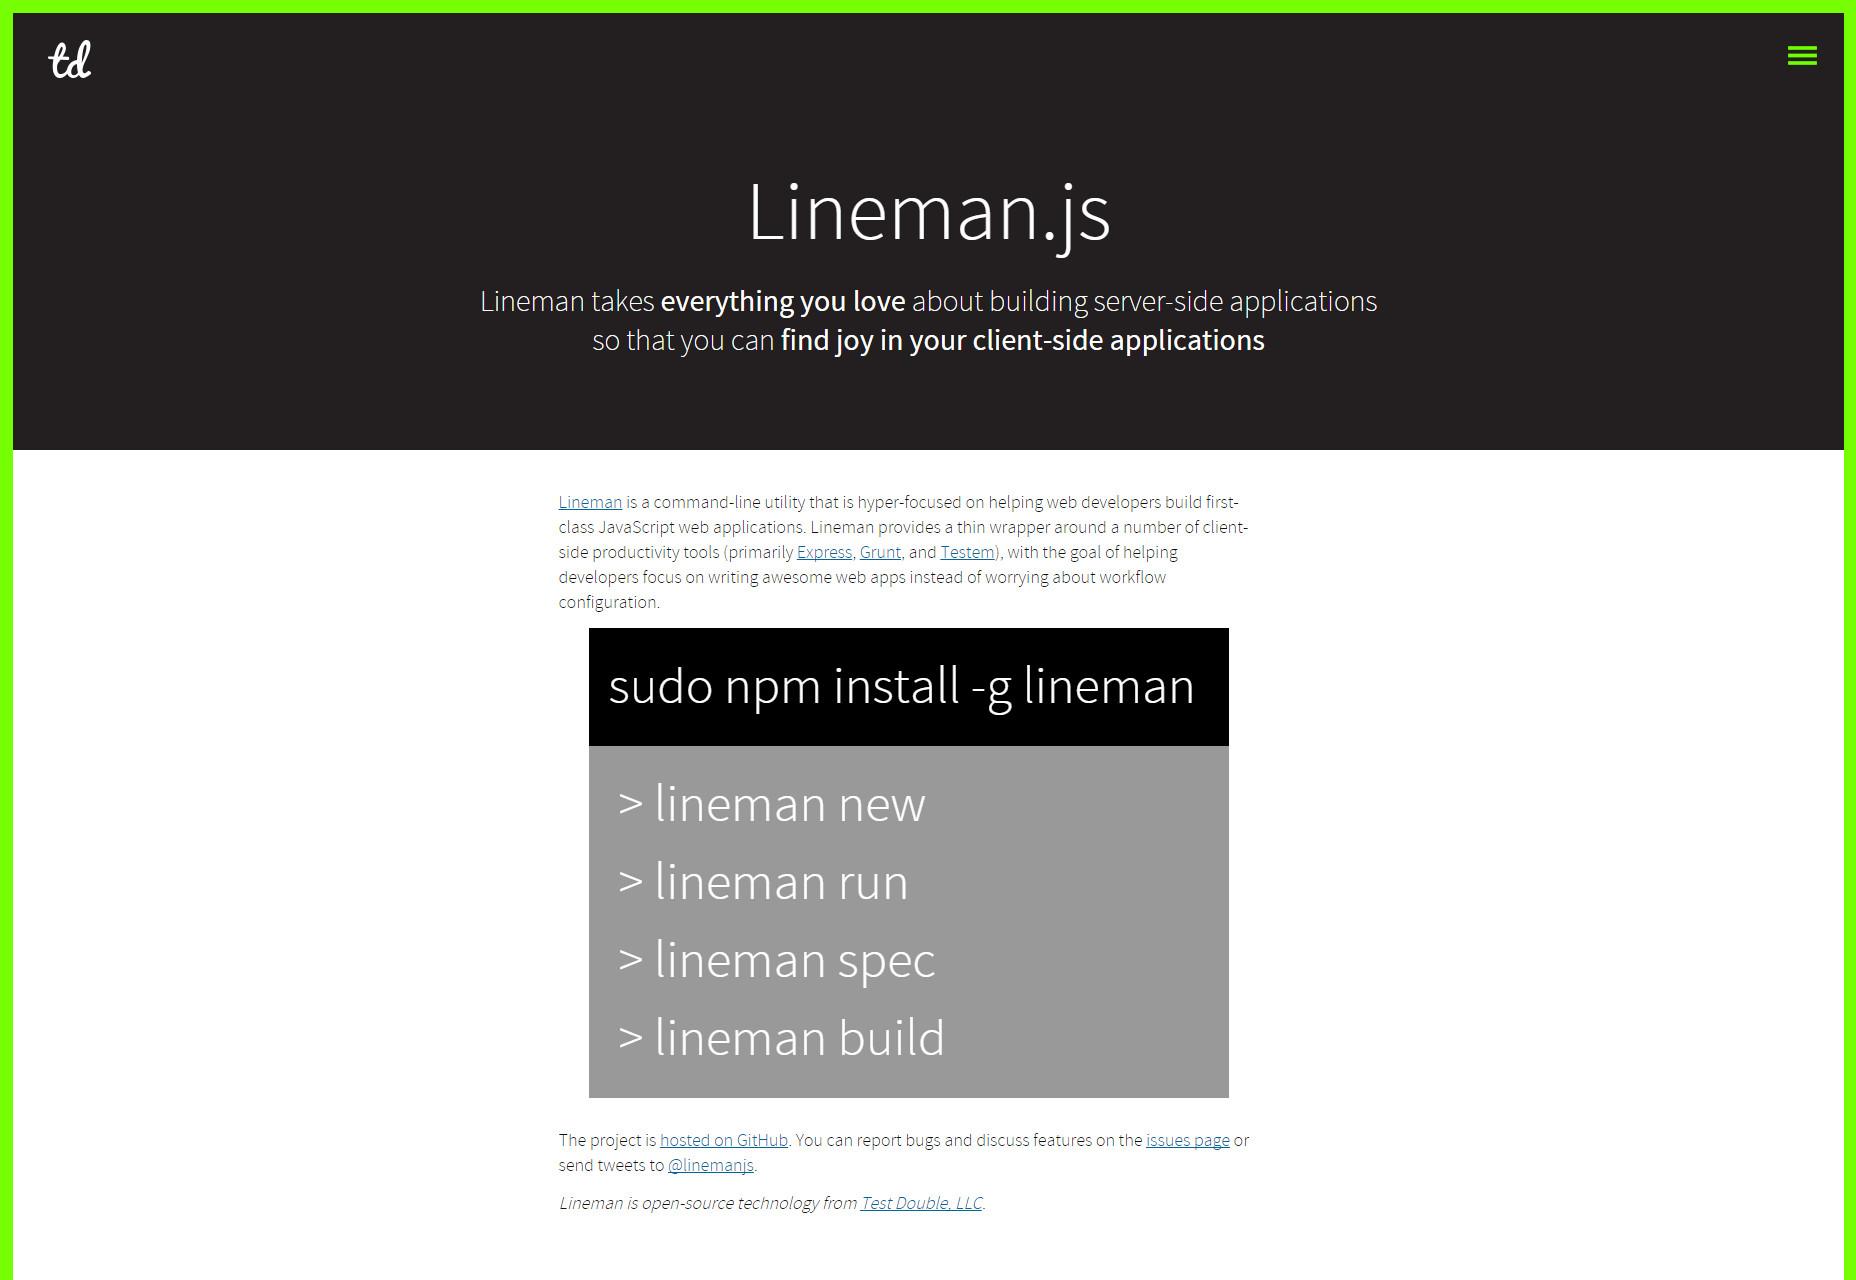 Lineman: Utilidad de línea de comando enfocada en la aplicación del lado del cliente